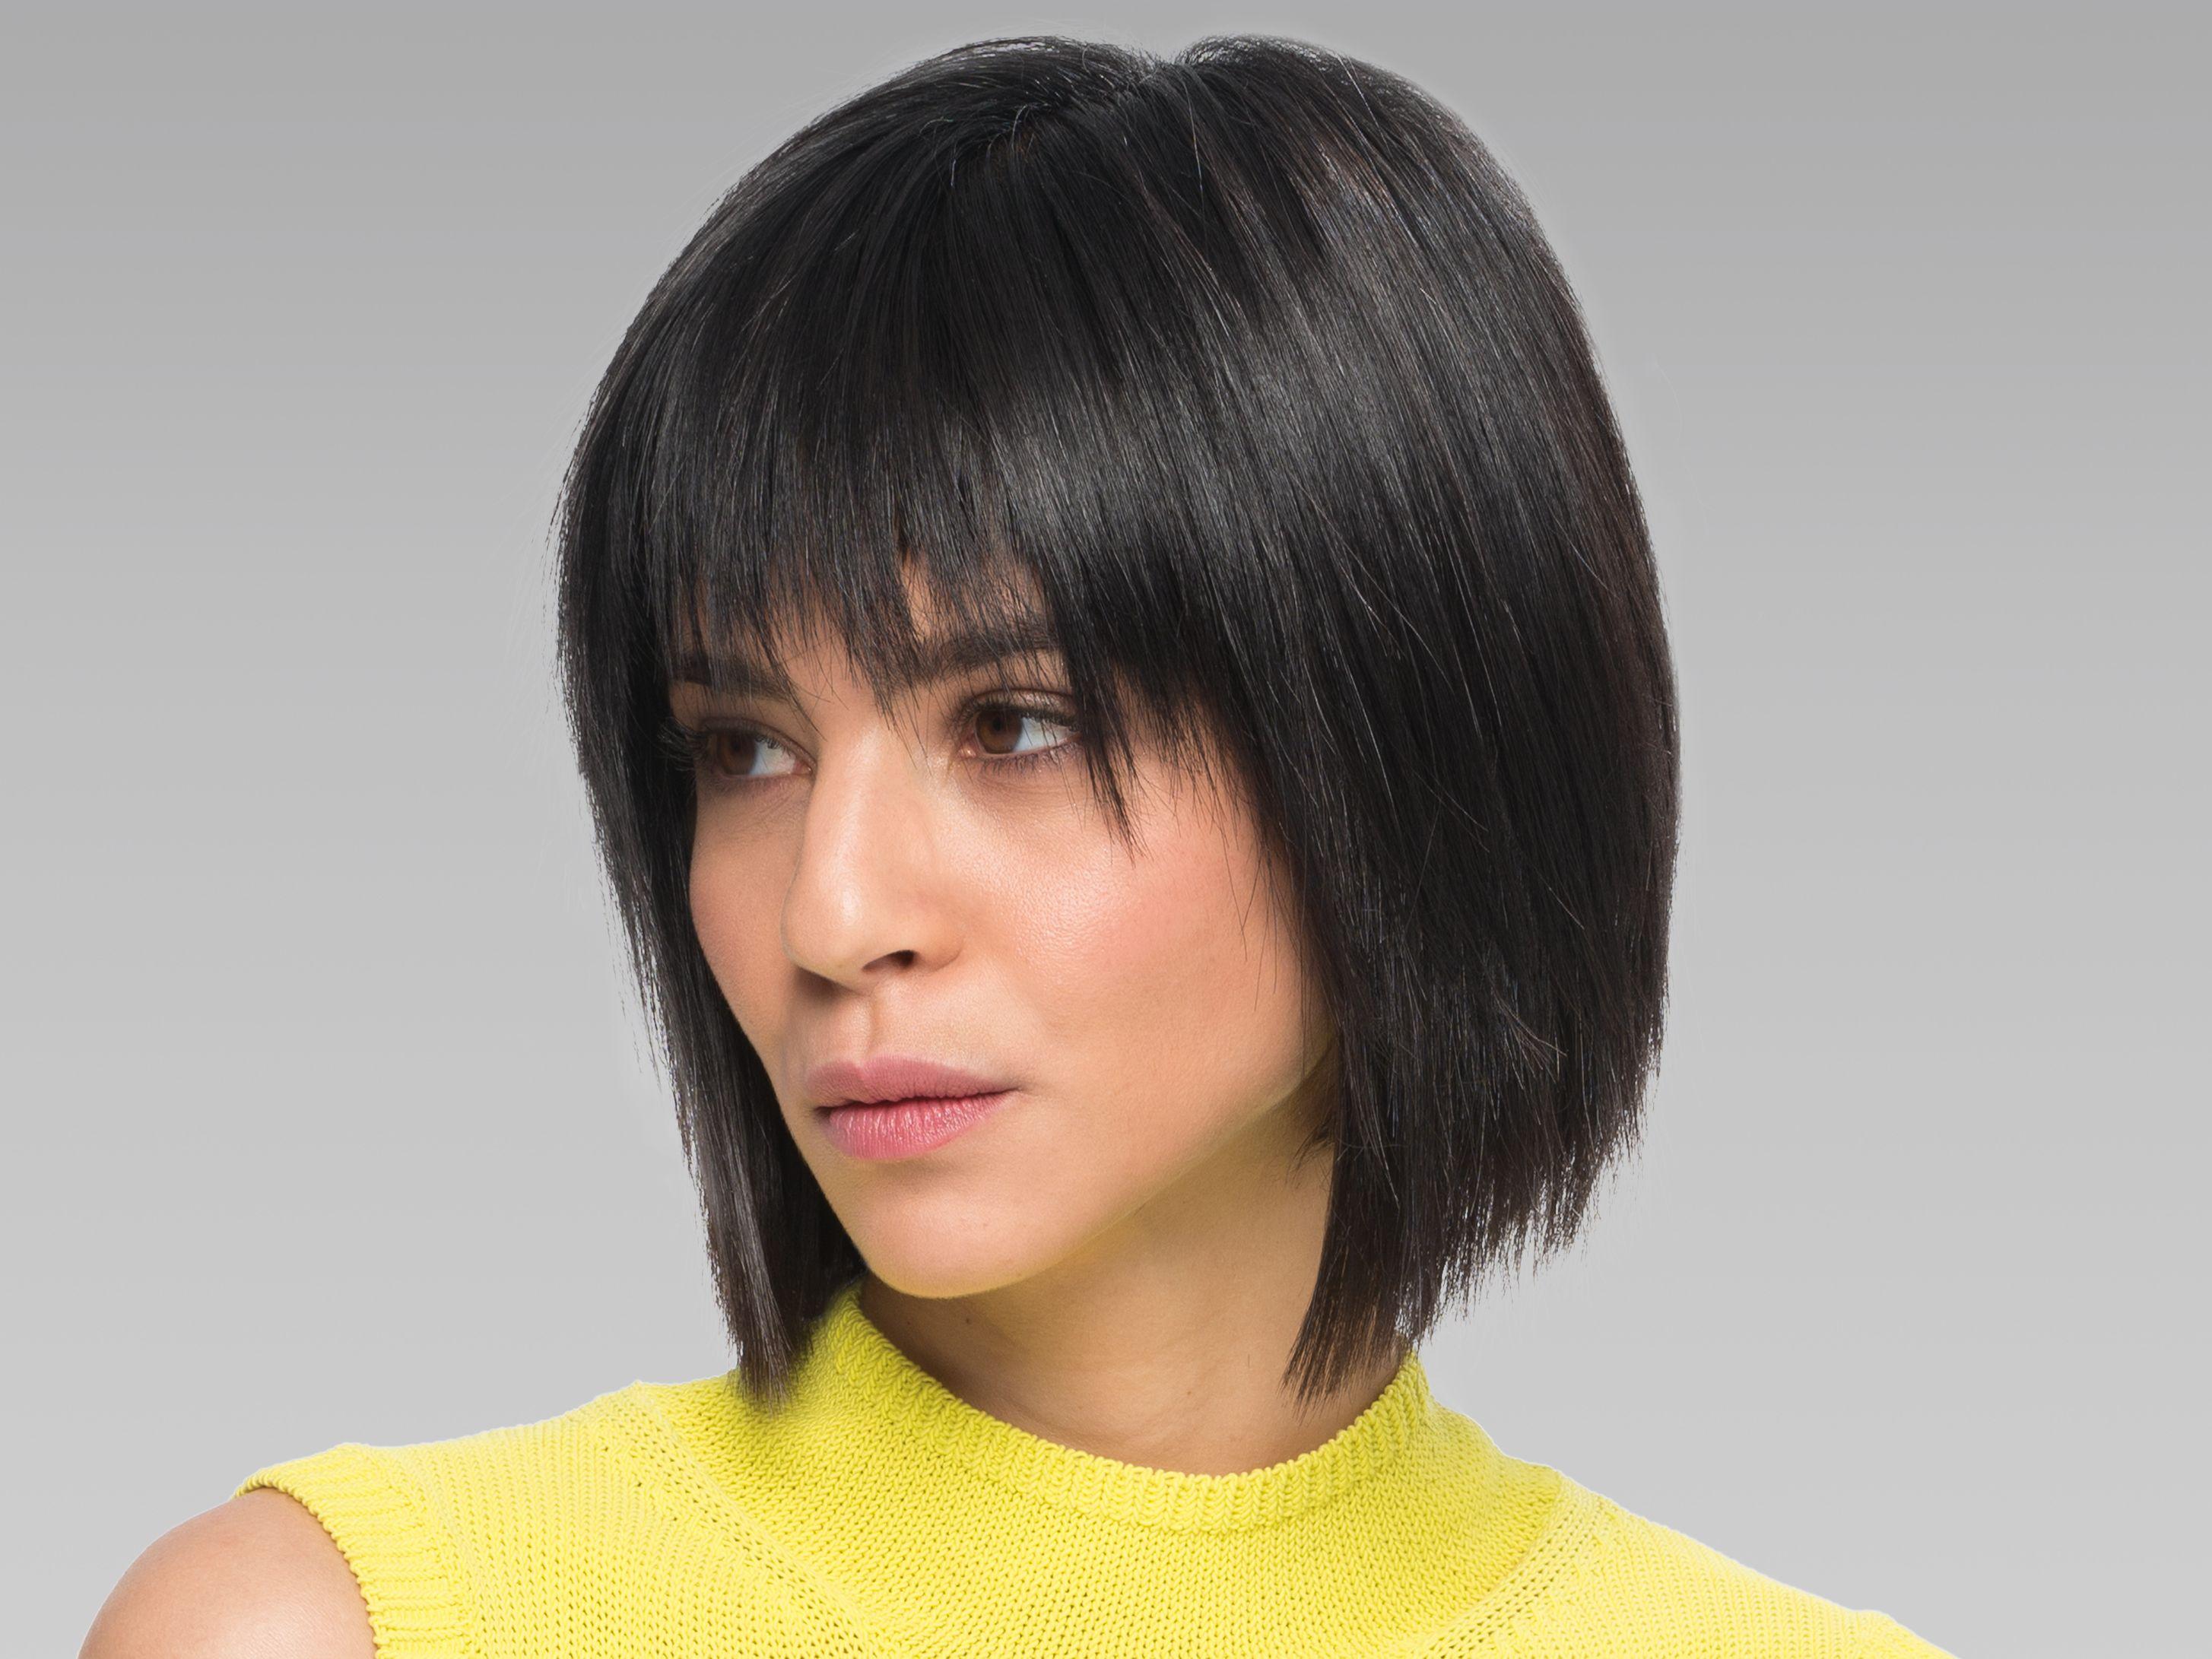 Тонкие волосы – не проблема: 5 стрижек, которые визуально прибавят объем прическе